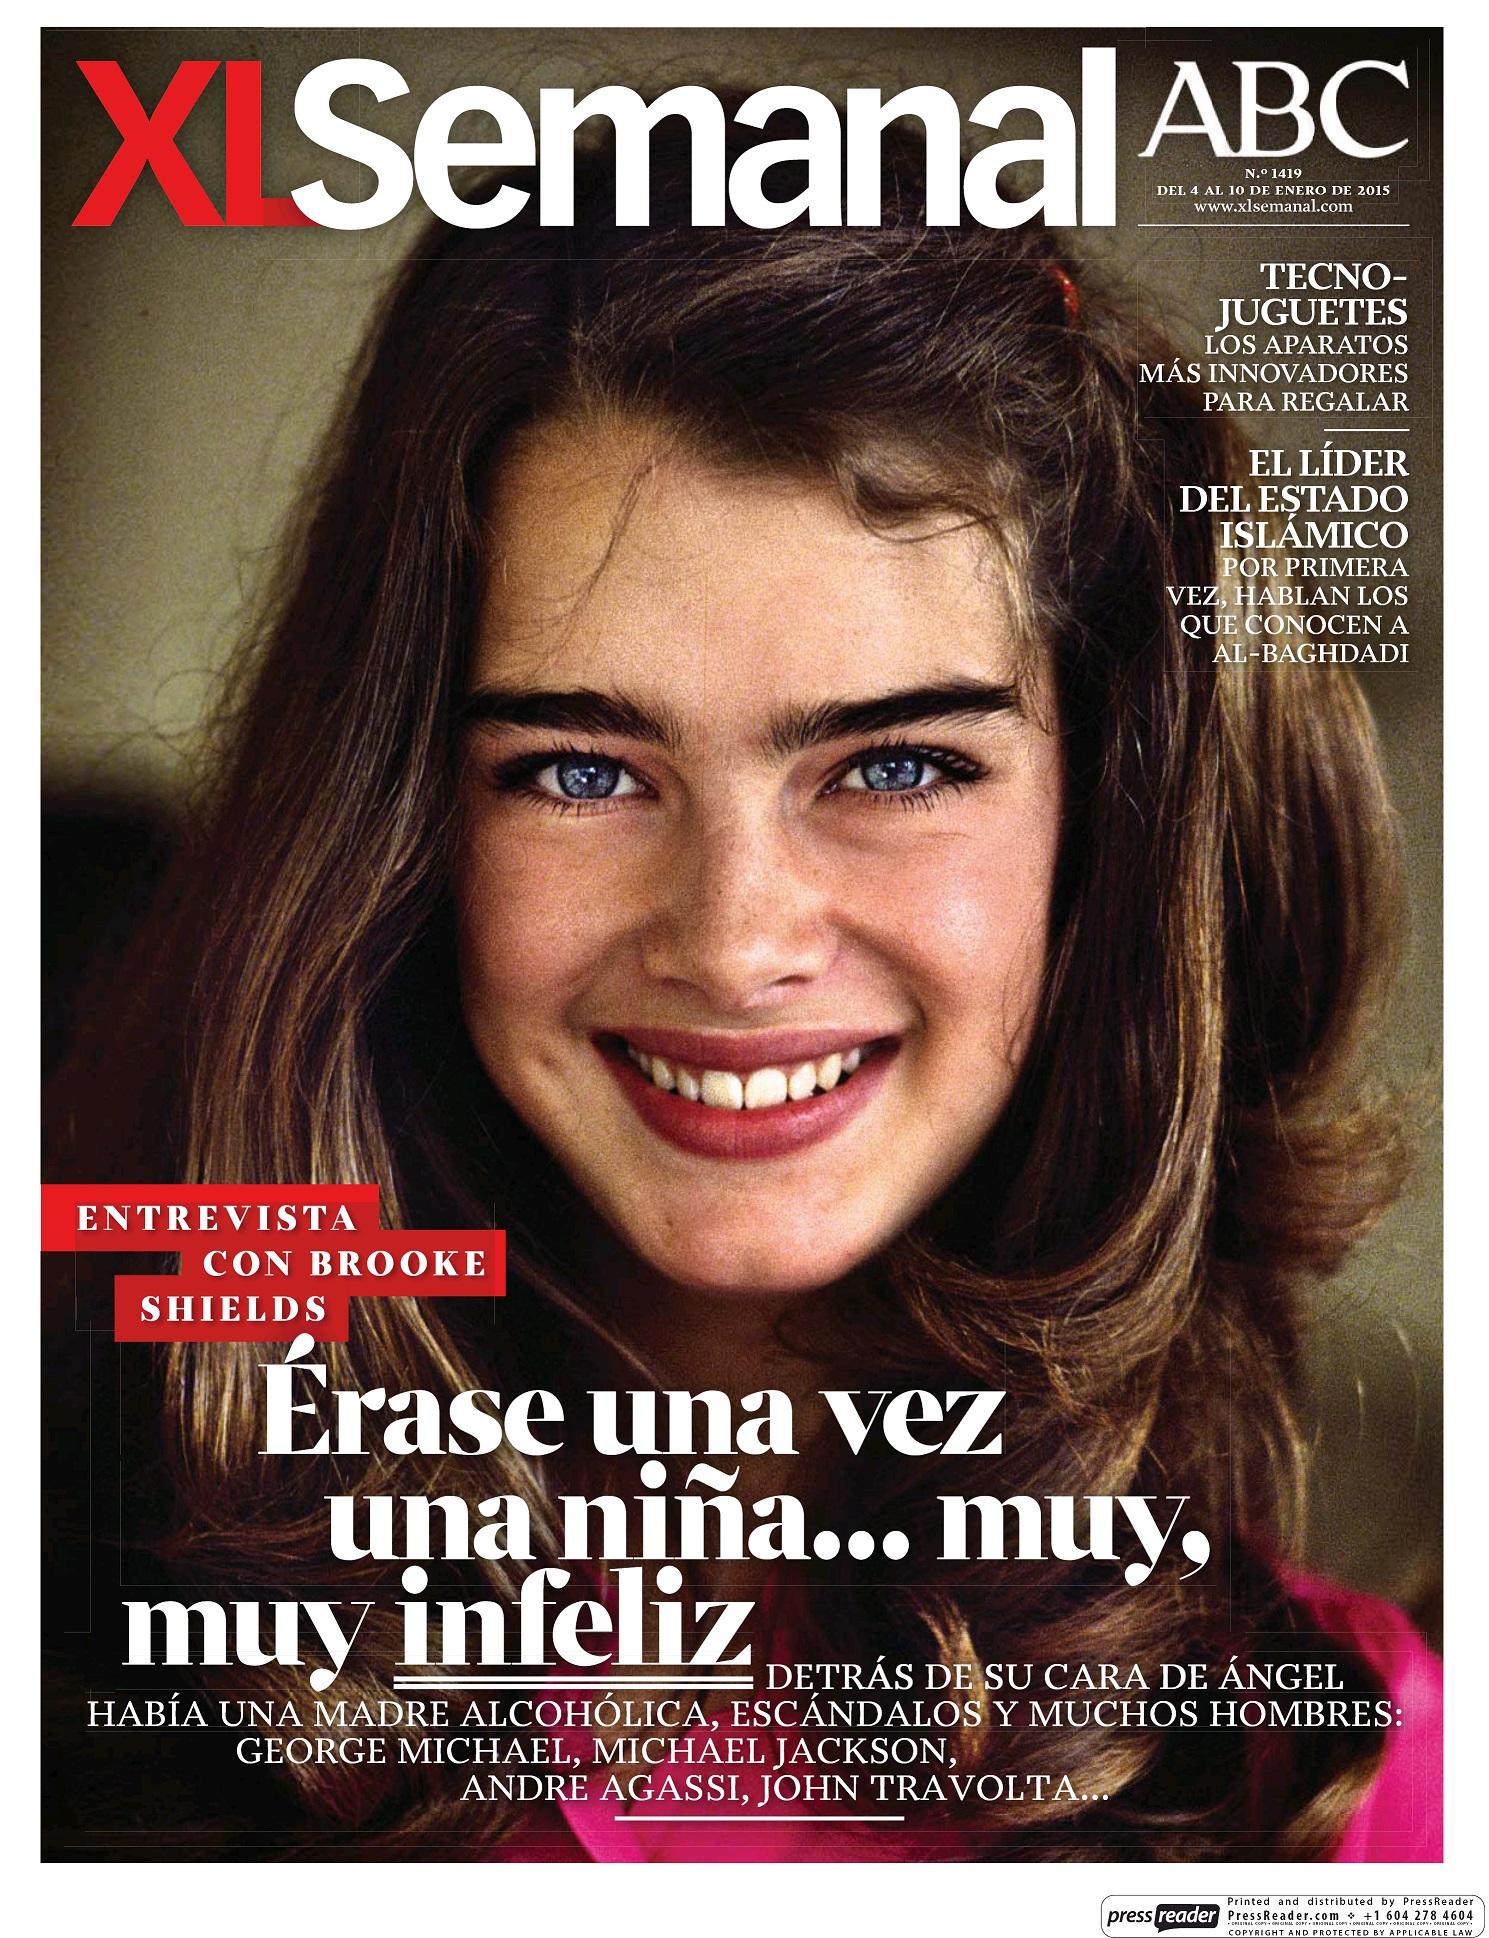 XL SEMANAL portada 4 de Enero 2015